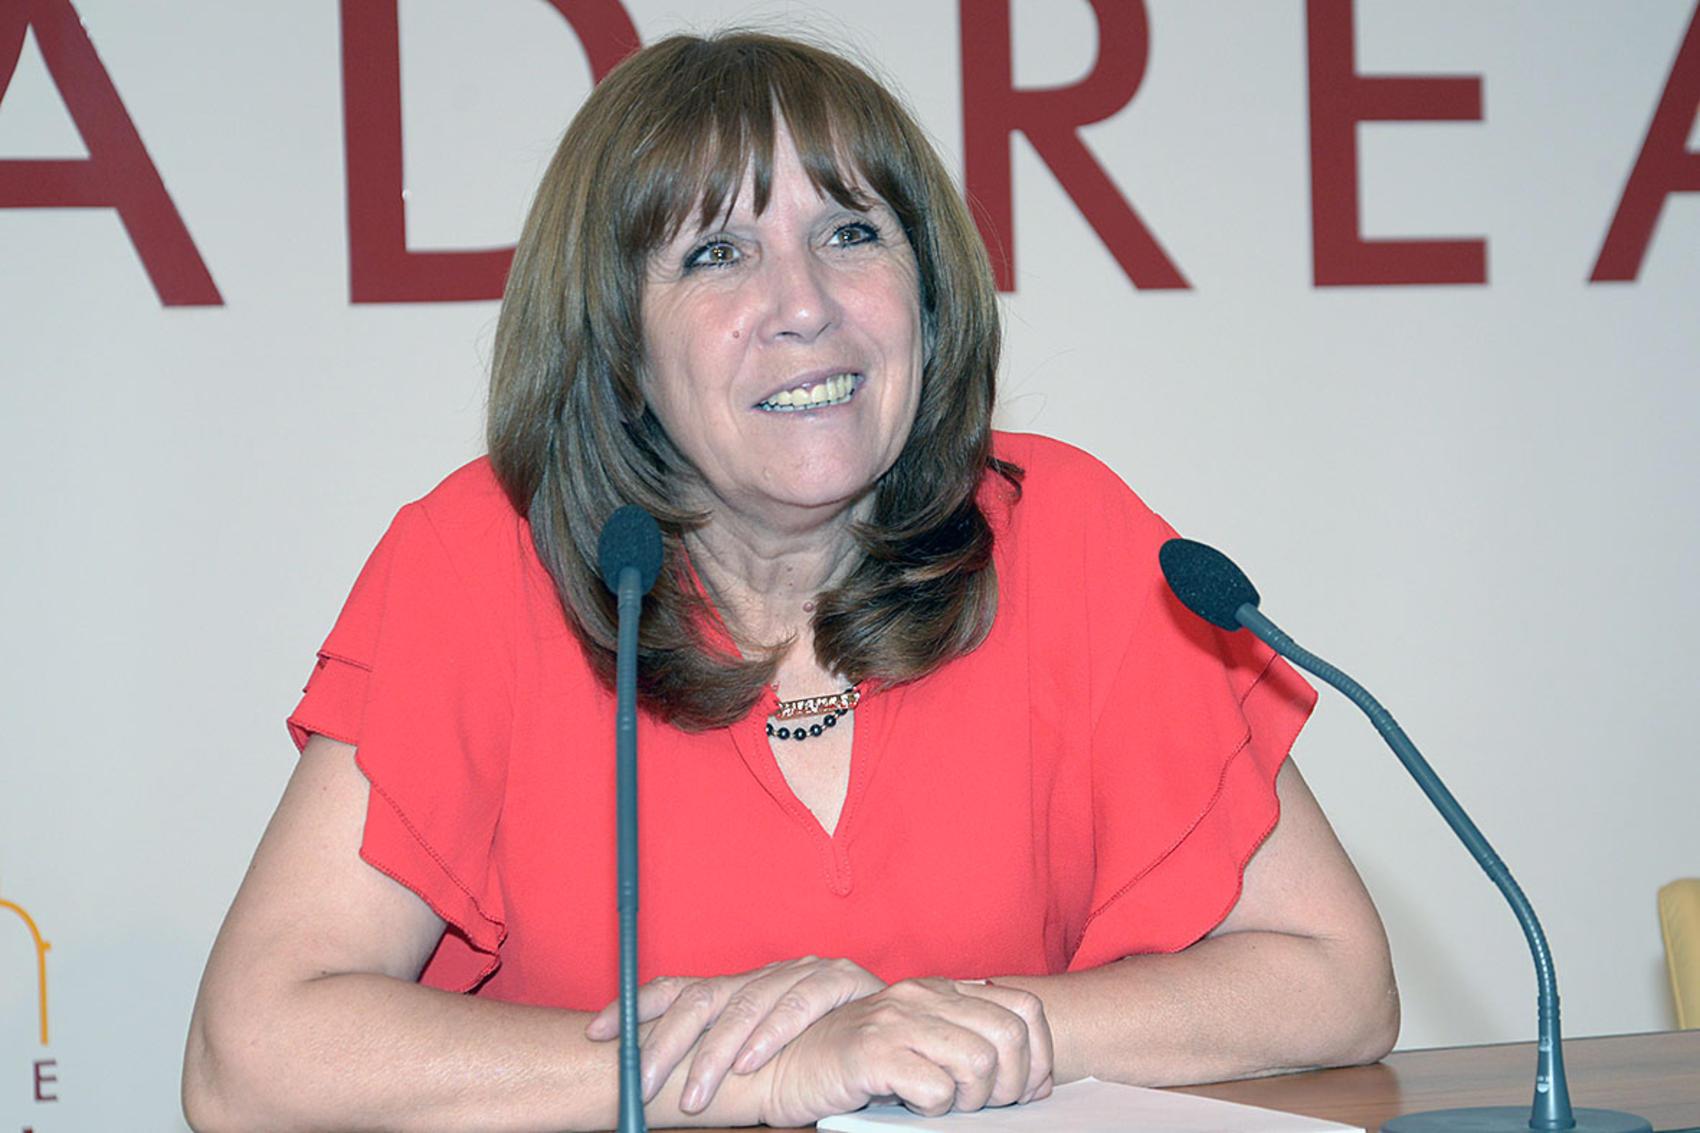 La Diputación subvenciona con 100.000 euros programas que fomentan la igualdad